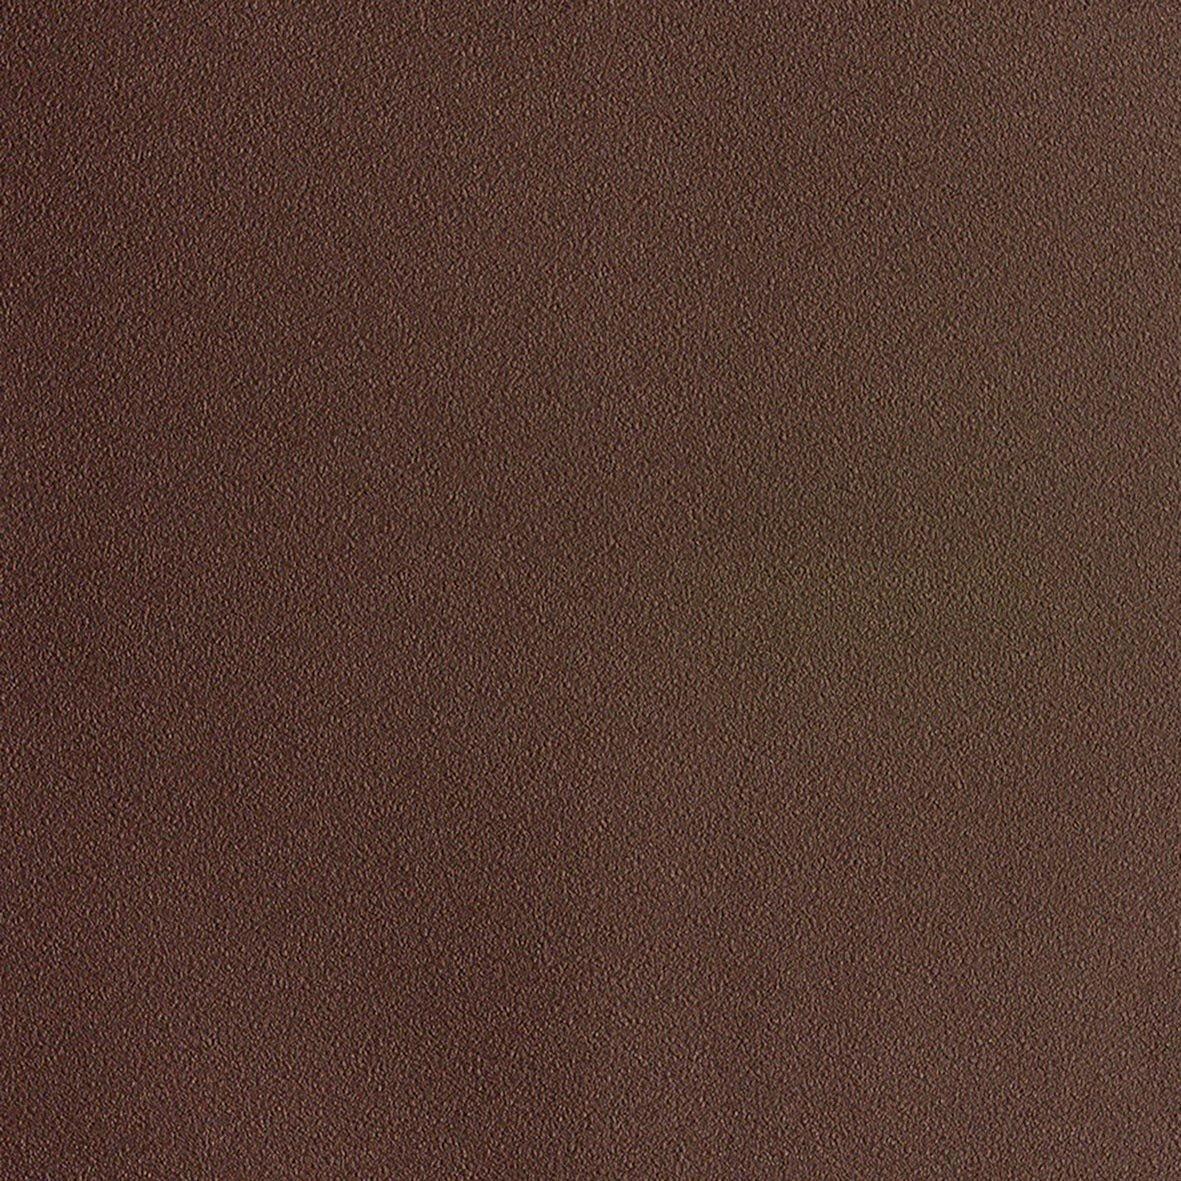 リリカラ 壁紙47m シンフル 石目調 ブラウン スーパー強化+汚れ防止 LW-2324 B07612RFSX 47m|ブラウン